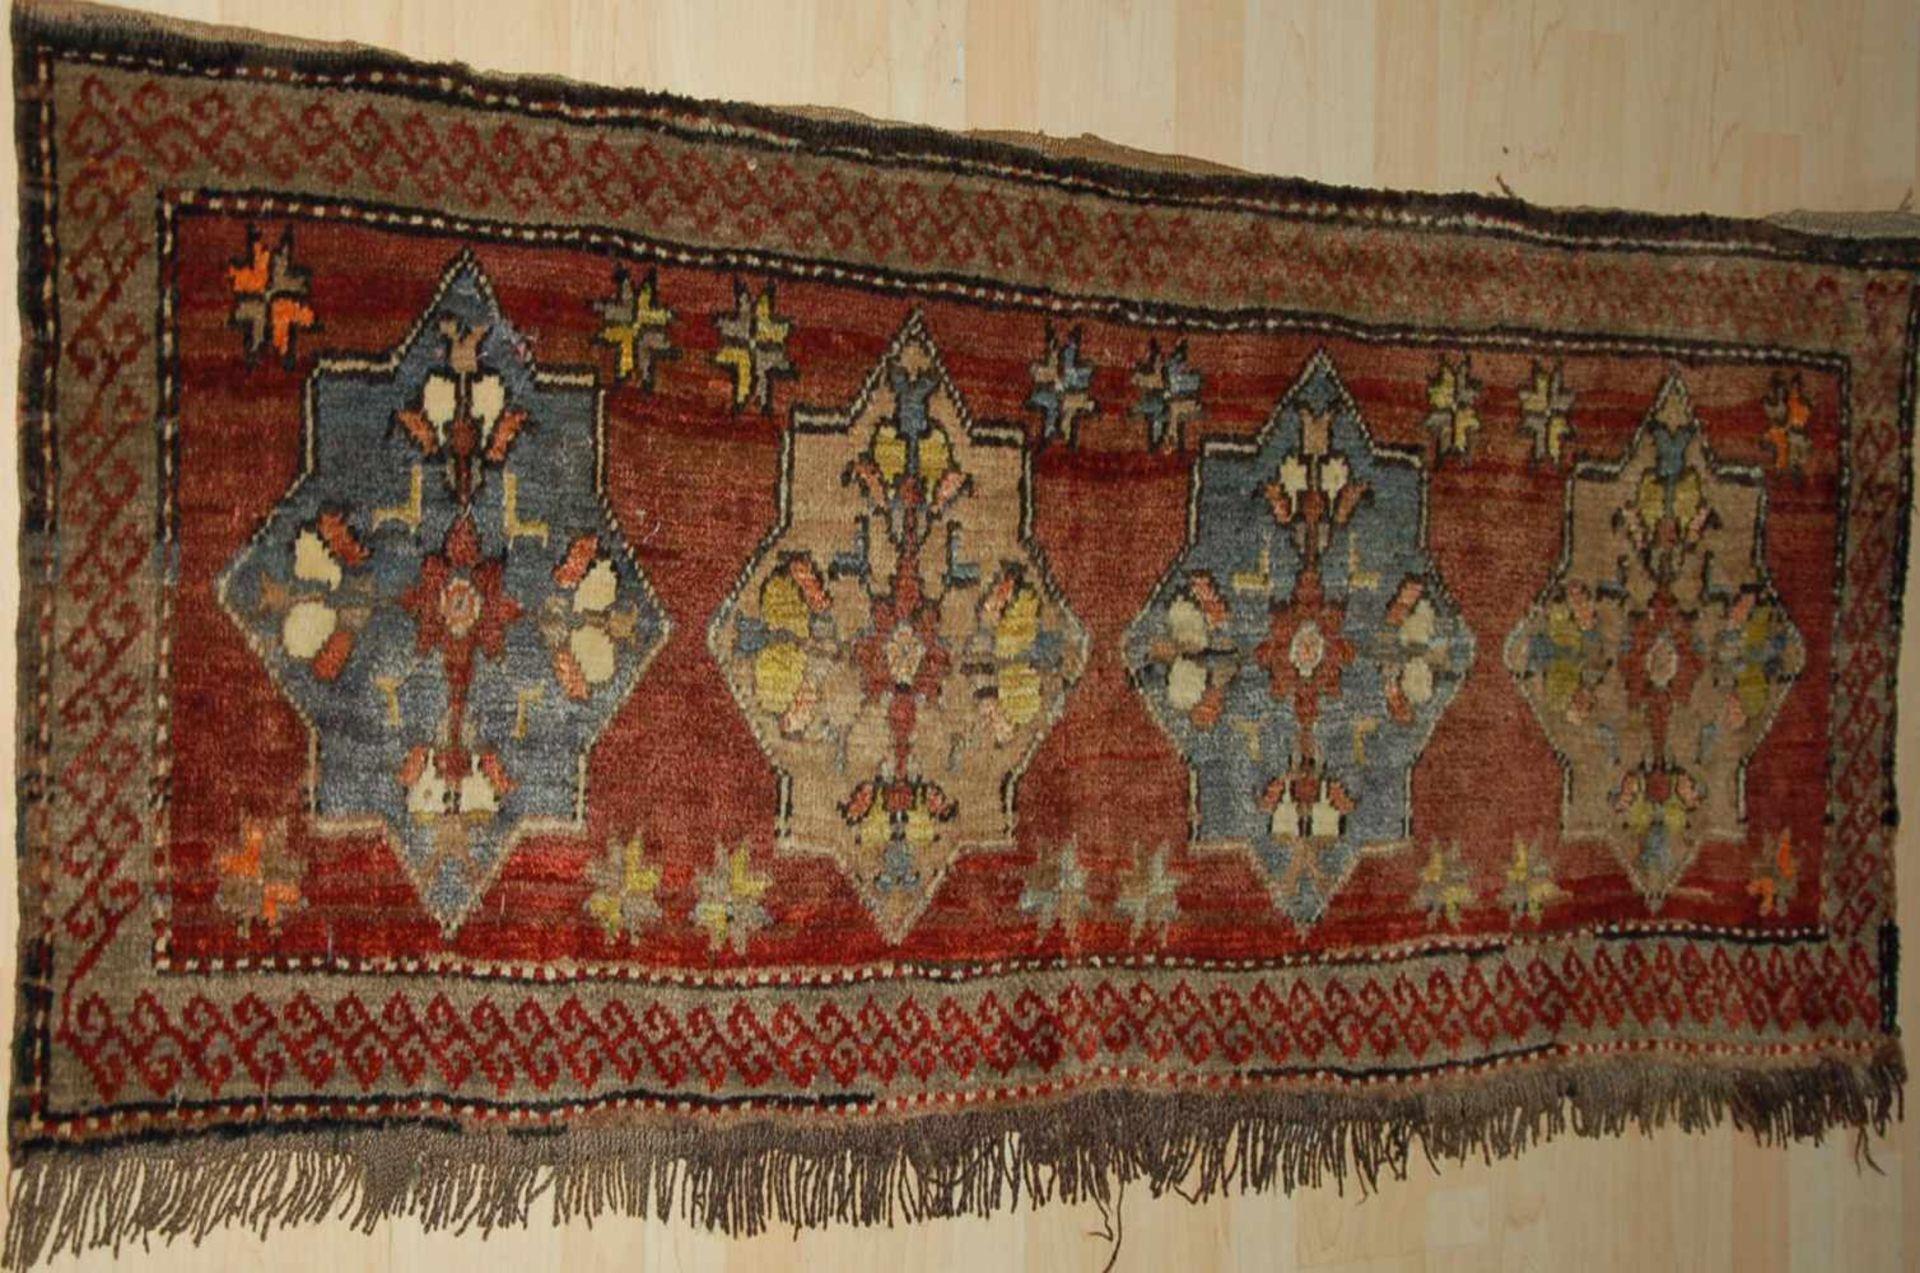 Torba, Kars, TürkeiFransenbehang, ca. 167 x 51 cm.